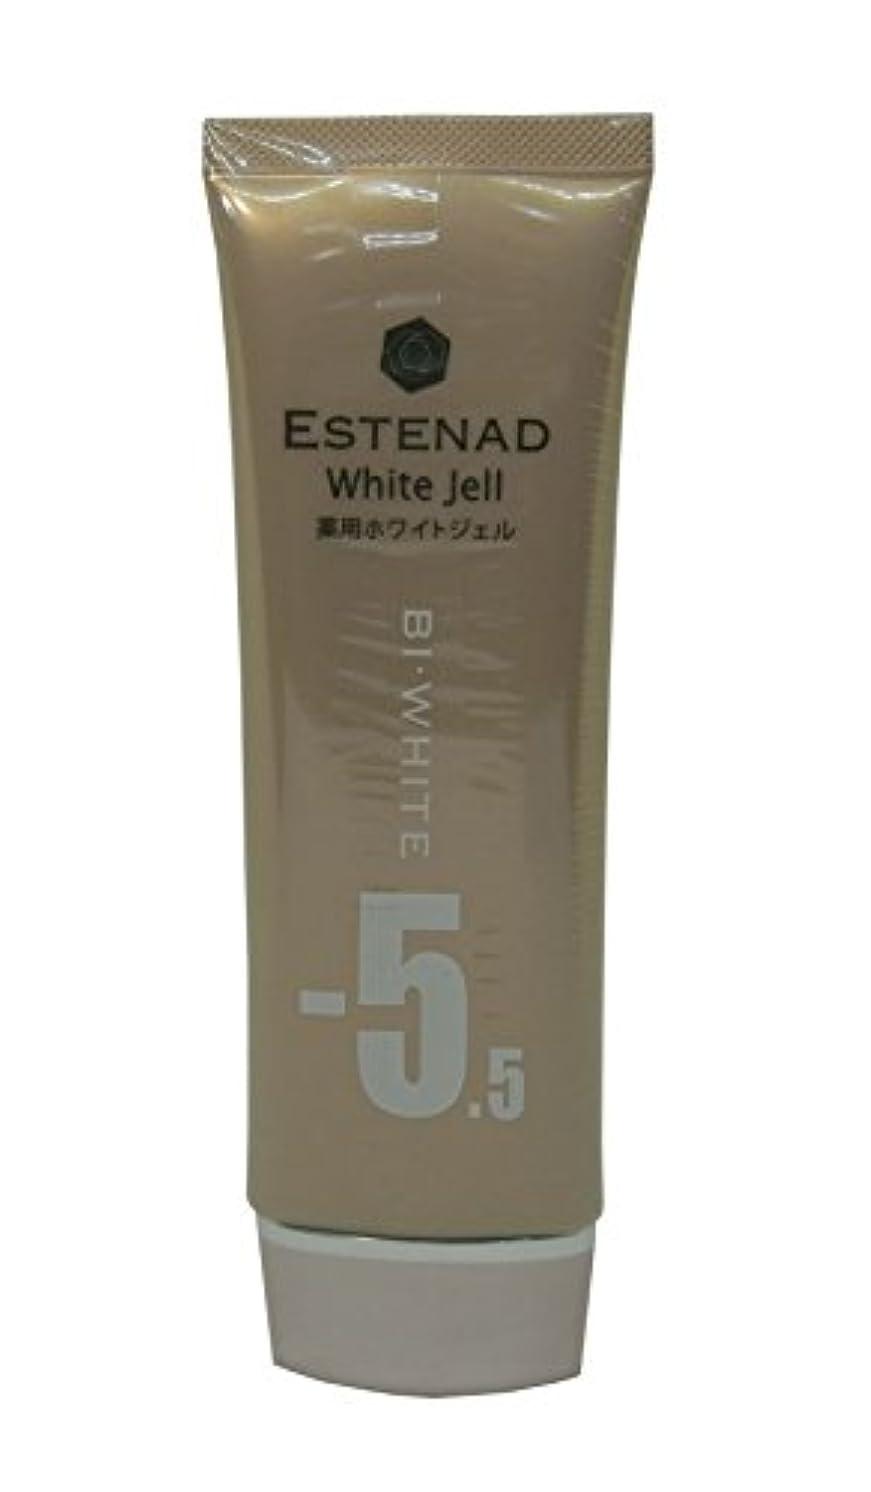 イタリック保険をかける悪名高いエステナード 薬用ホワイトジェル 70g 美容クリーム